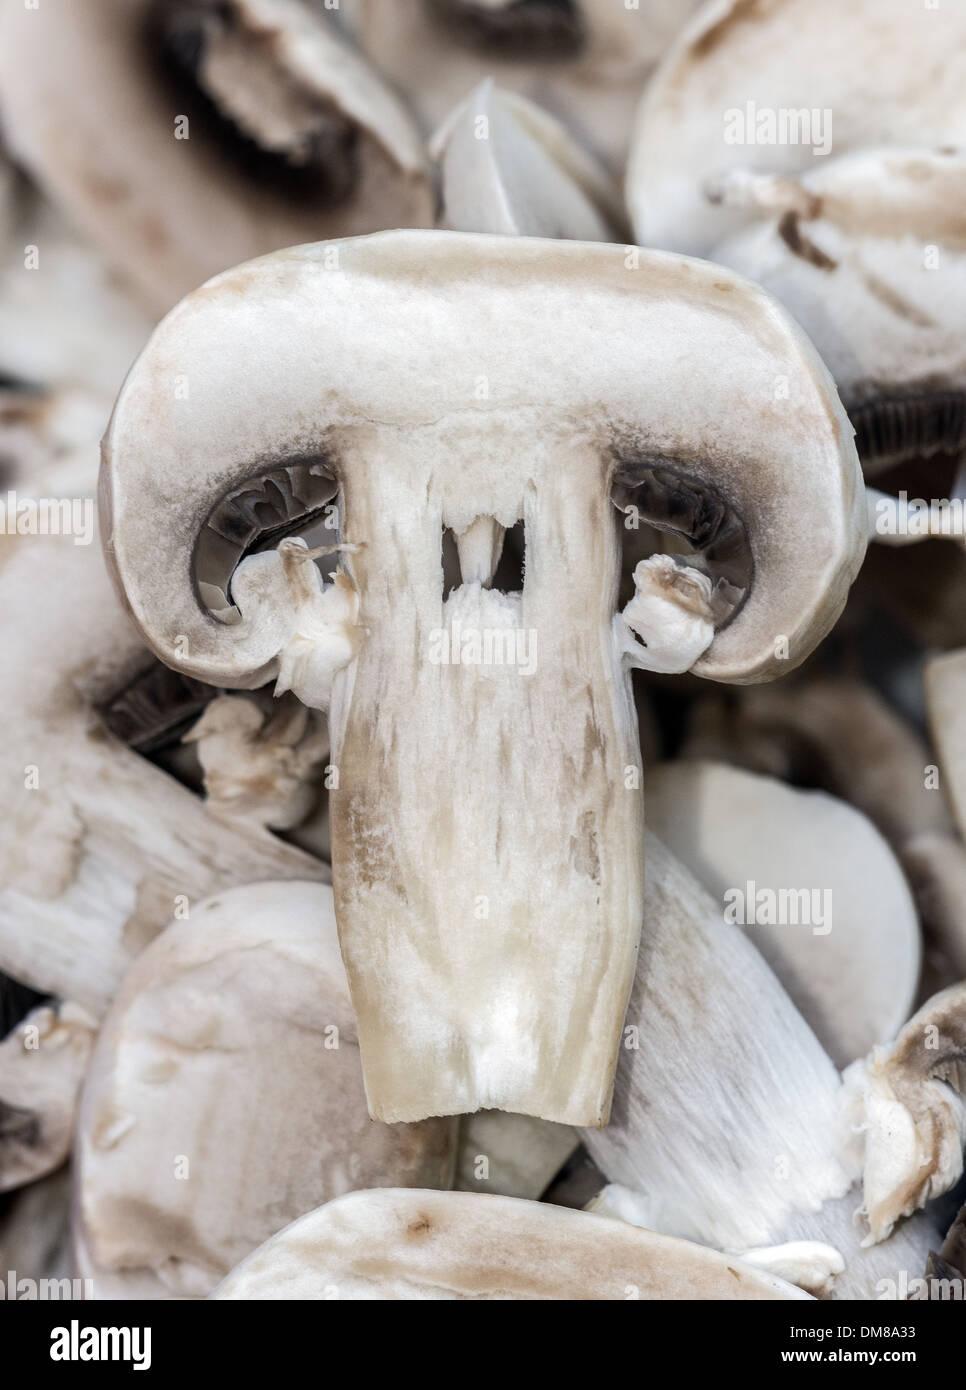 Sliced mushrooms - Stock Image